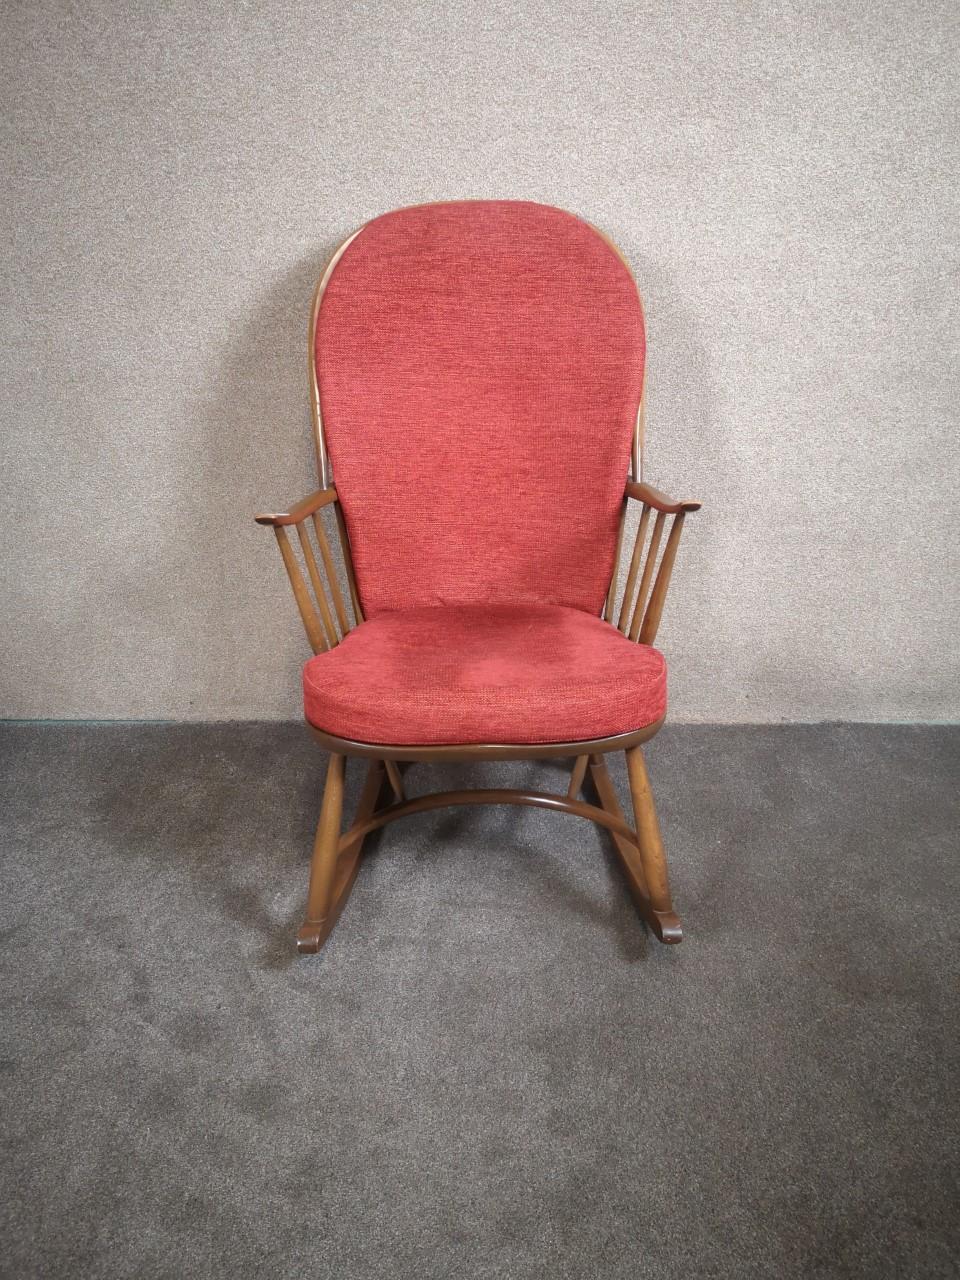 Ercol rocking chair画像